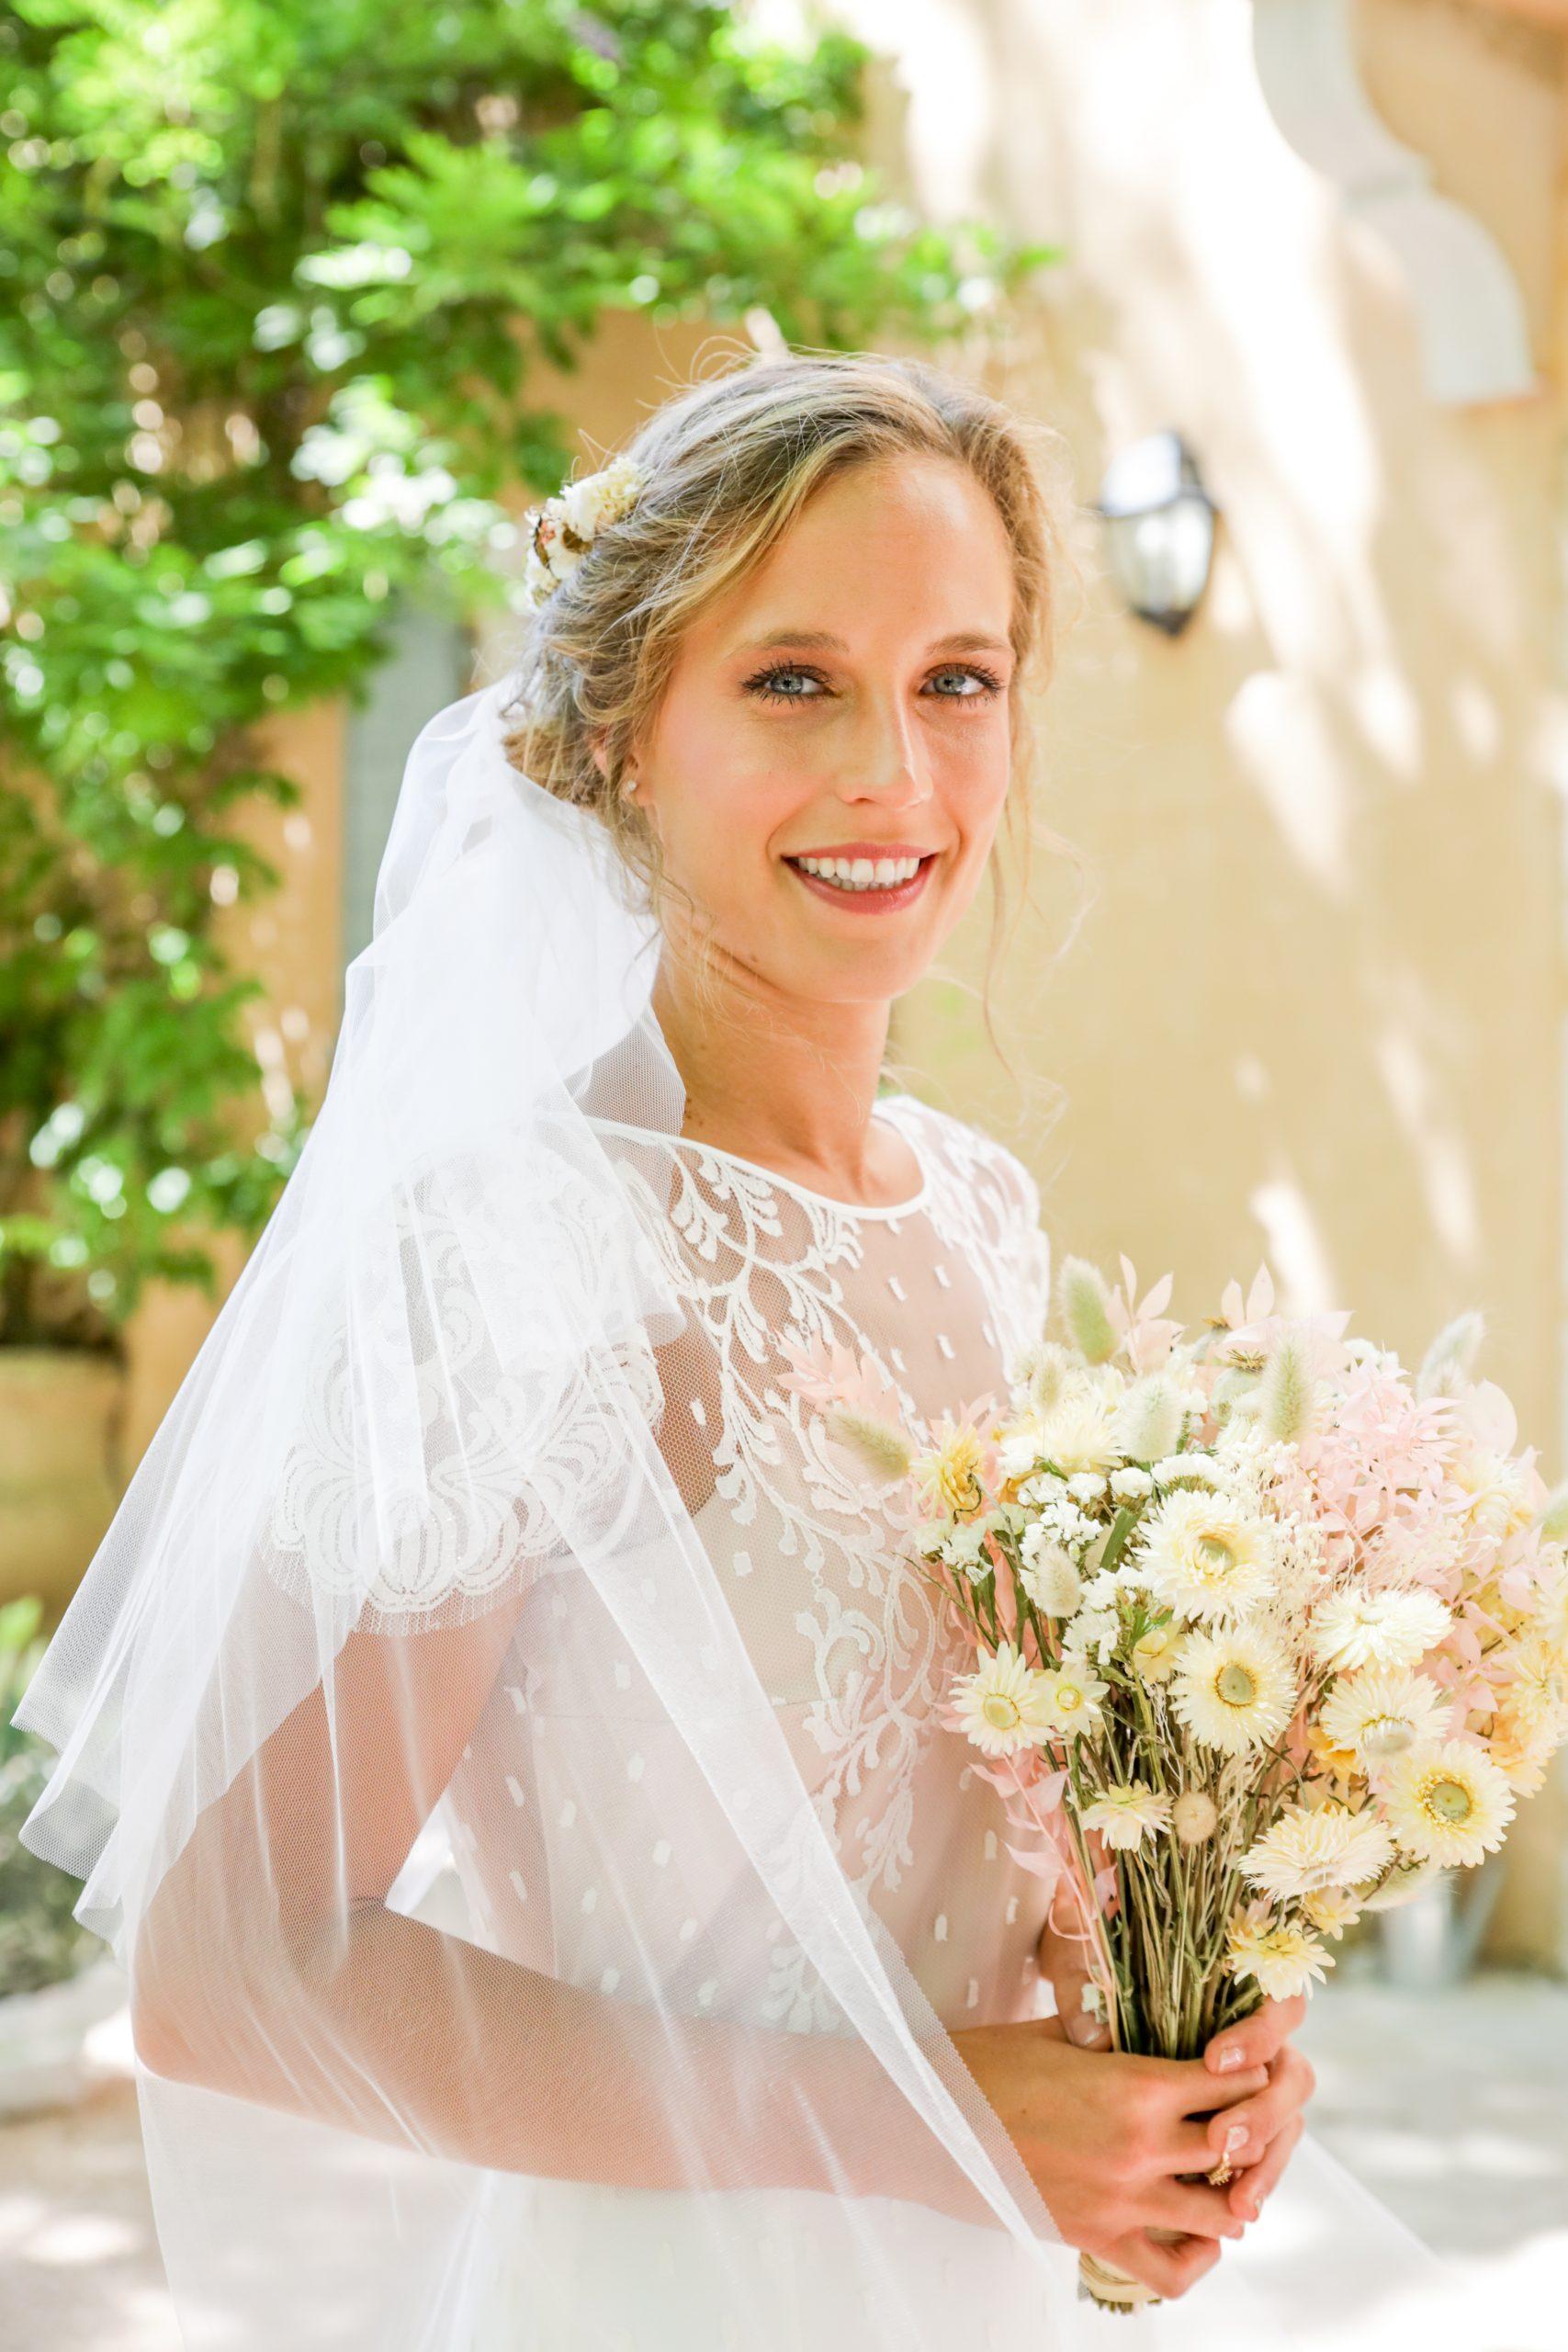 Photographie mariage - Photographe mariage - Paris- Montpellier - Nice - original - couché du soleil - Mariage Hérault - robe de mariée - bouquet de fleurs